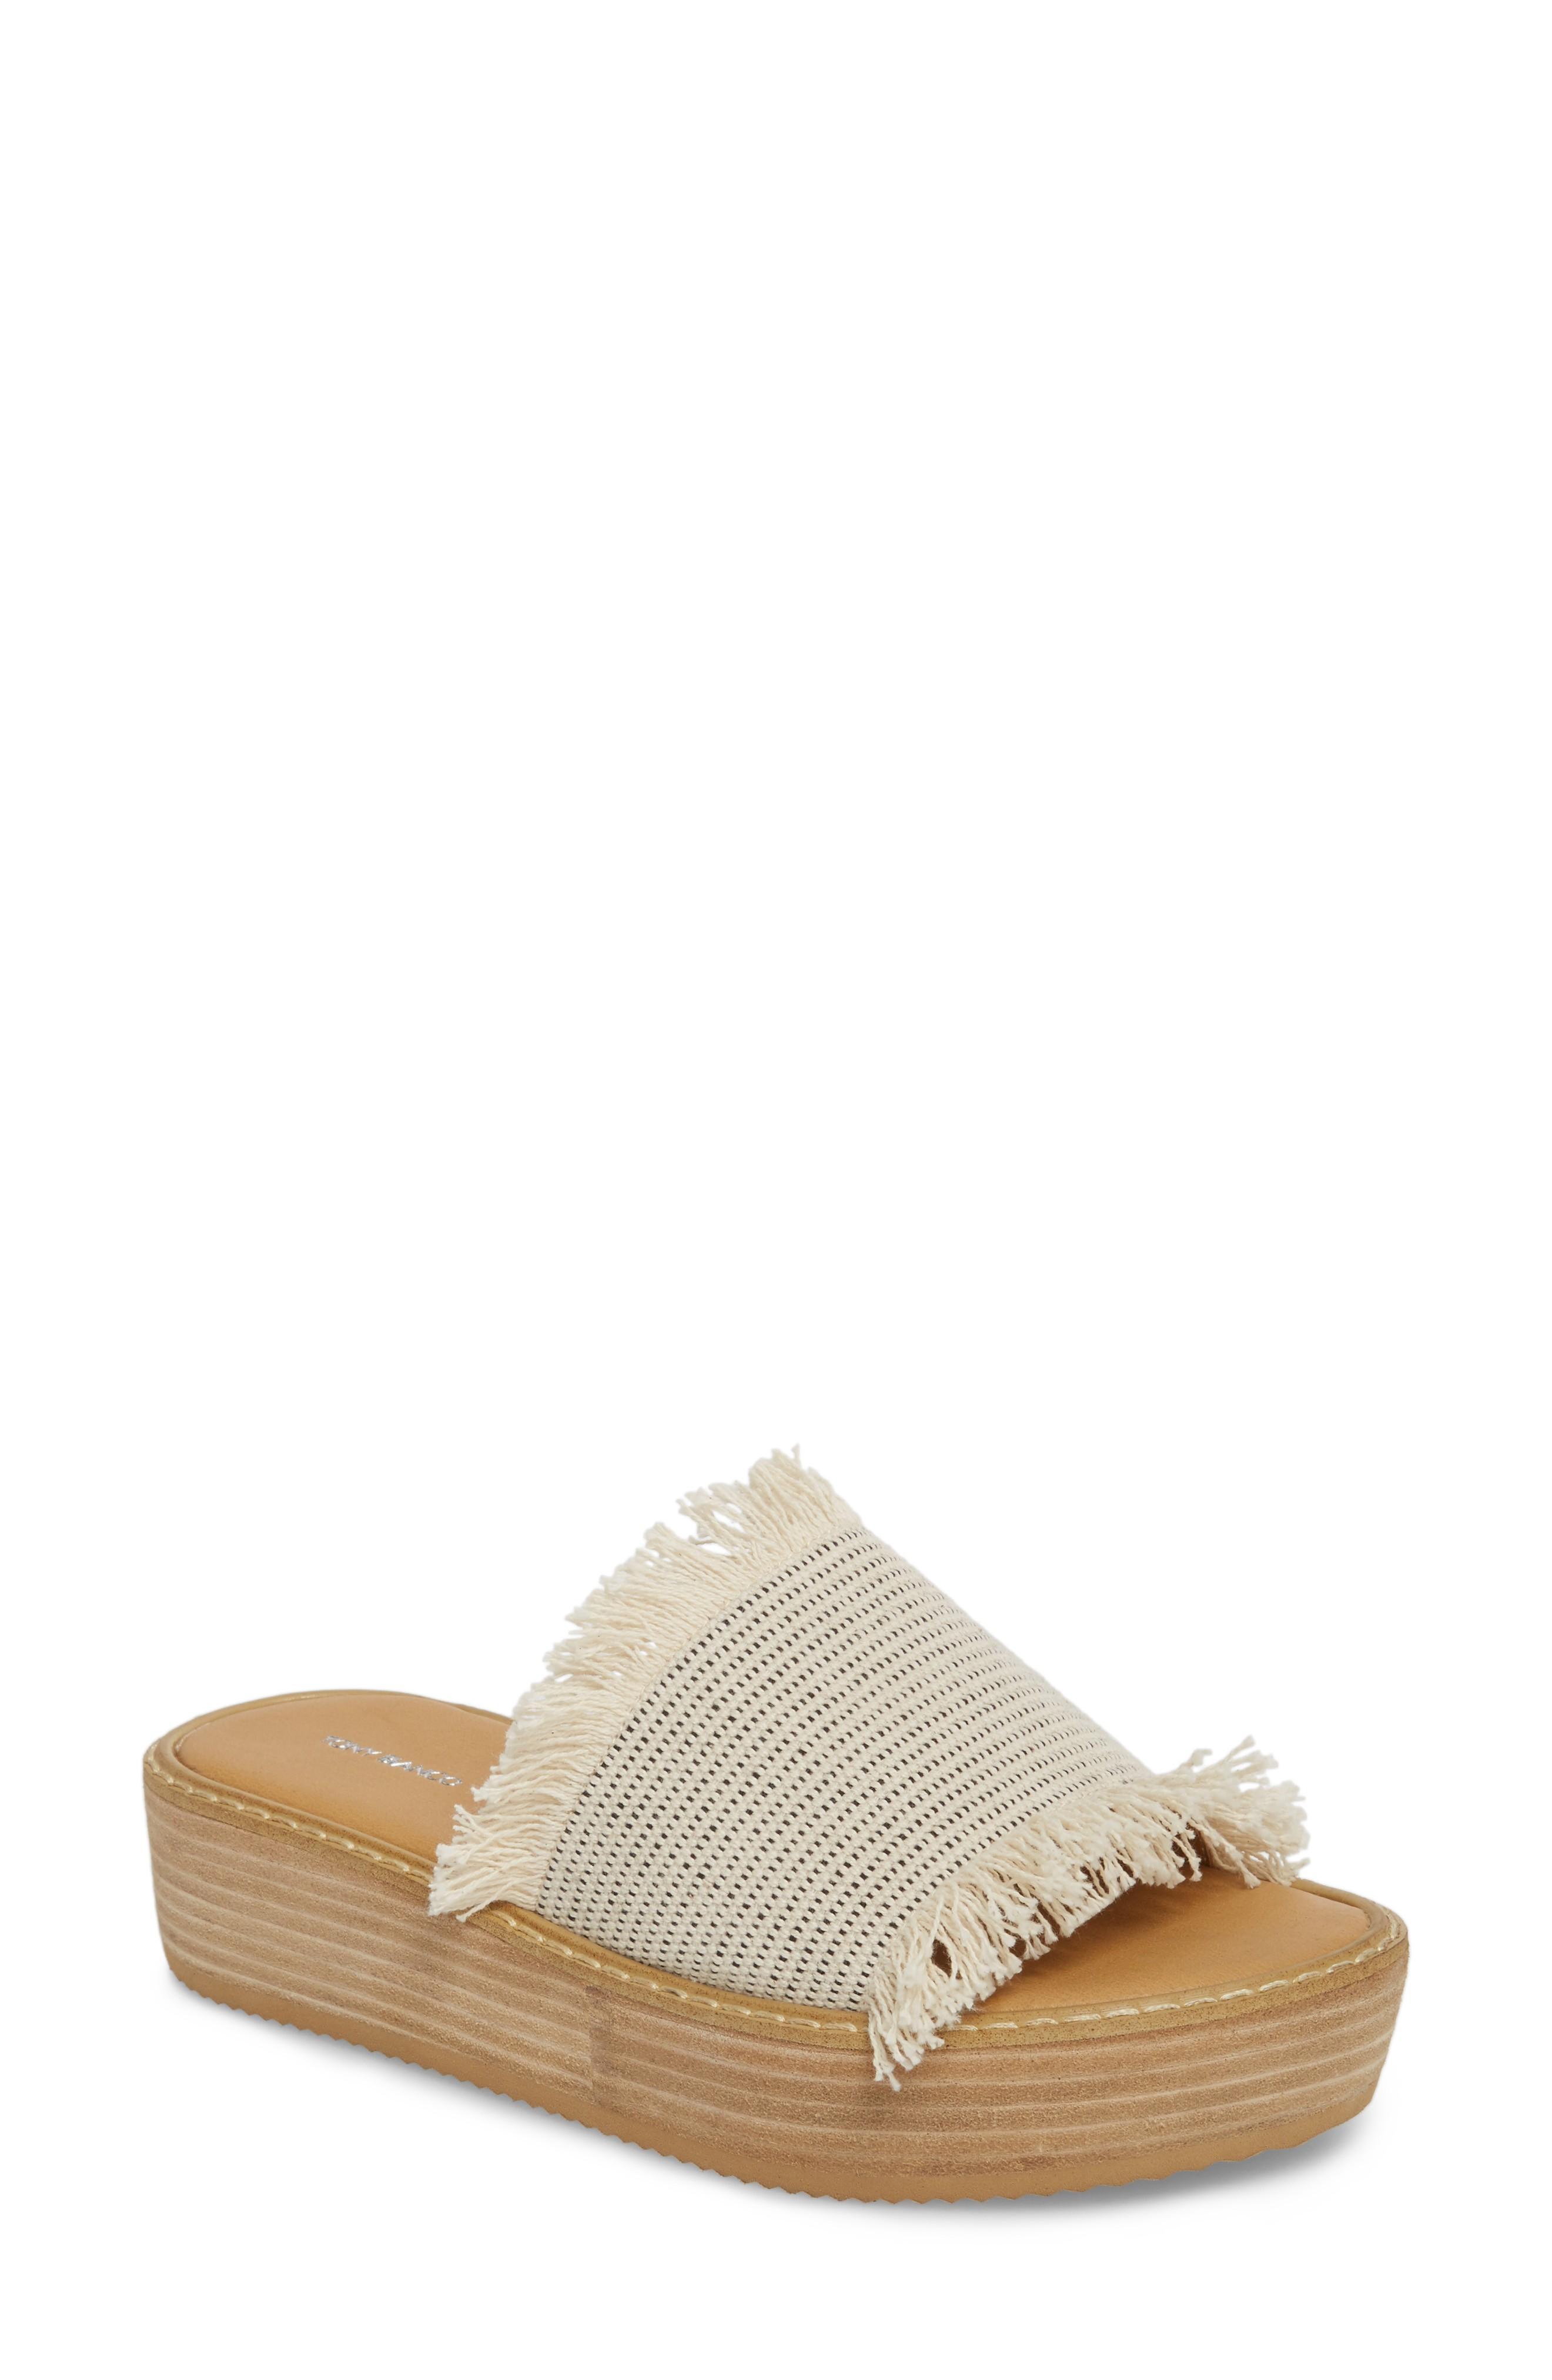 8e715ee961c Tony Bianco Ebony Platform Sandal In White  Black Osaka Fabric ...